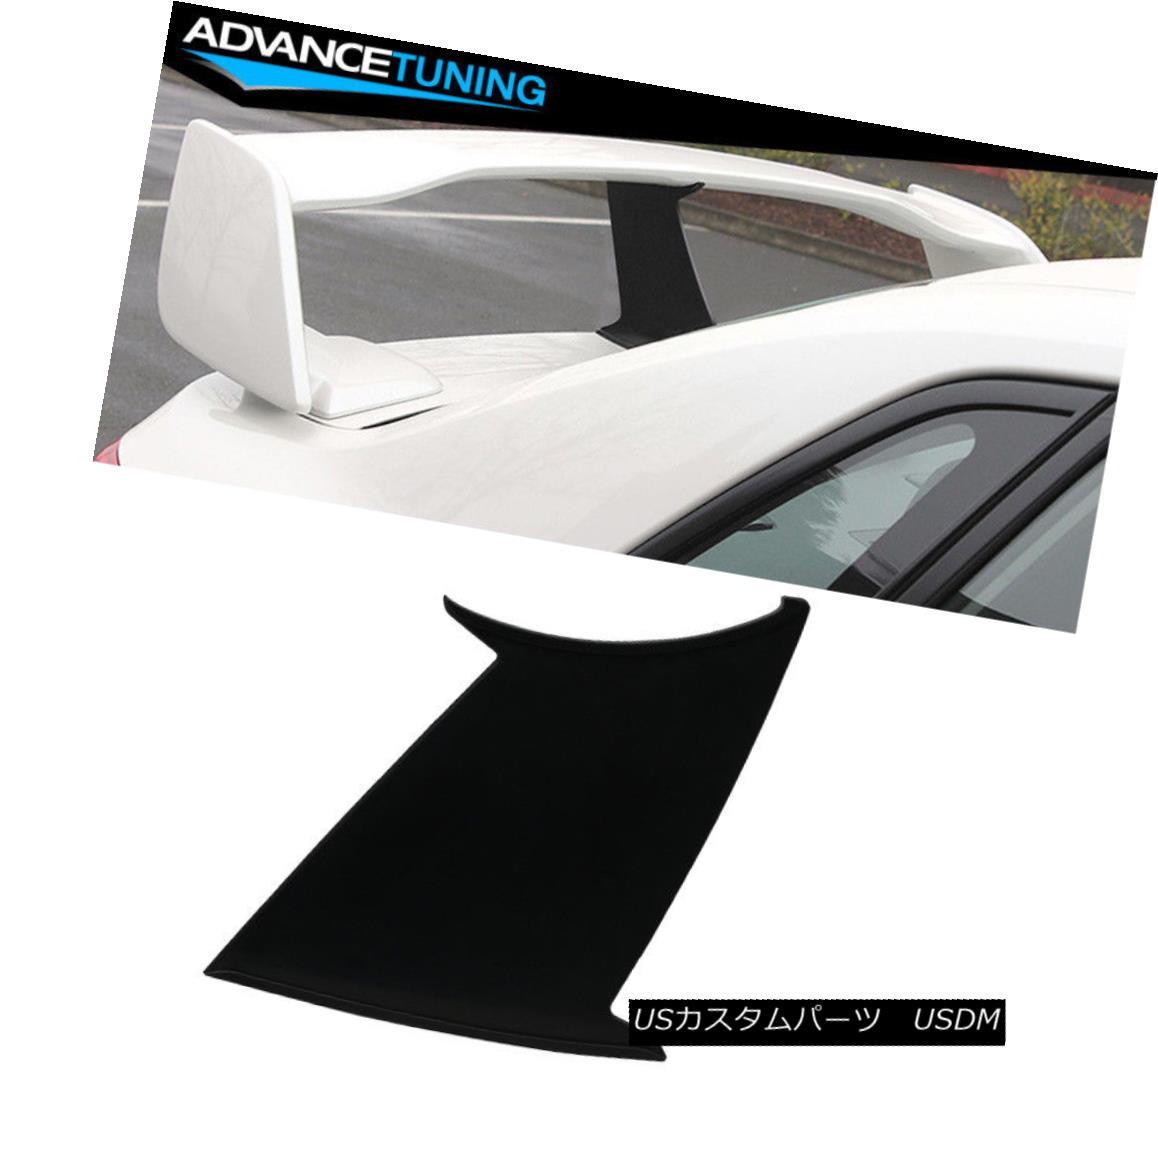 エアロパーツ 1PC Fit 08-14 WRX 08-11 Impreza STI ABS Trunk Spoiler Wing Stabilizer Add On 1PCフィット08-14 WRX 08-11インプレッサSTI ABSトランクスポイラーウィングスタビライザーアドオン